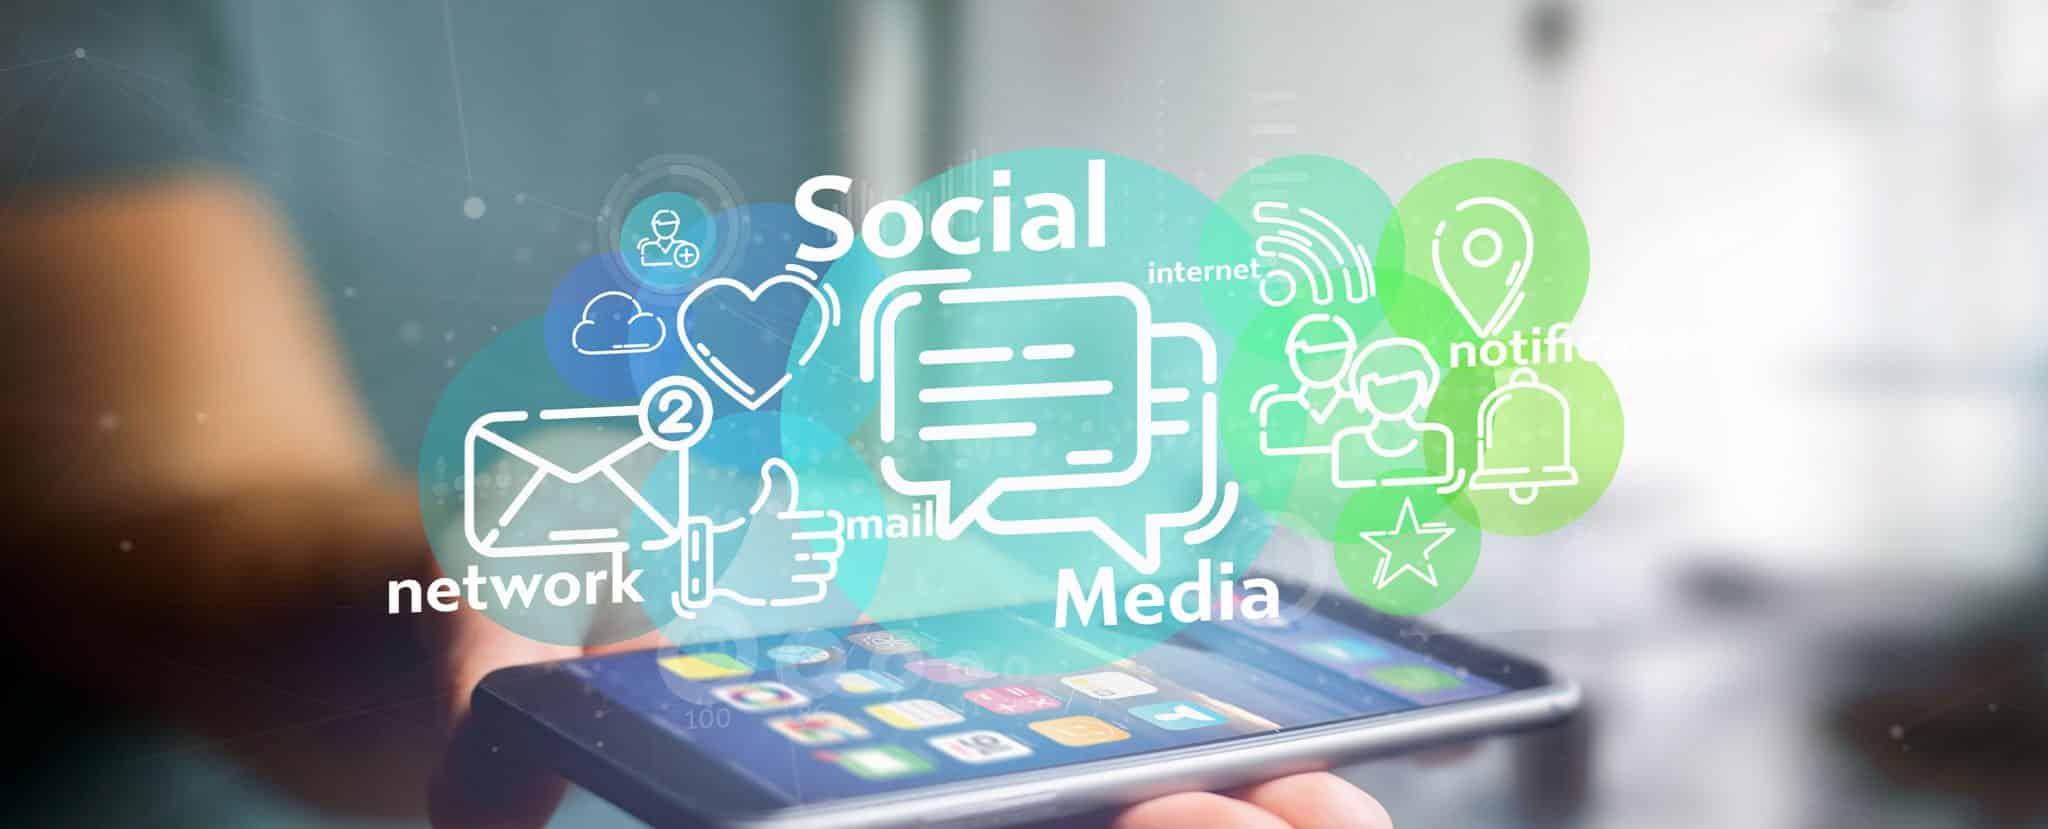 Digitale Kundengewinnung für IT-Unternehmen